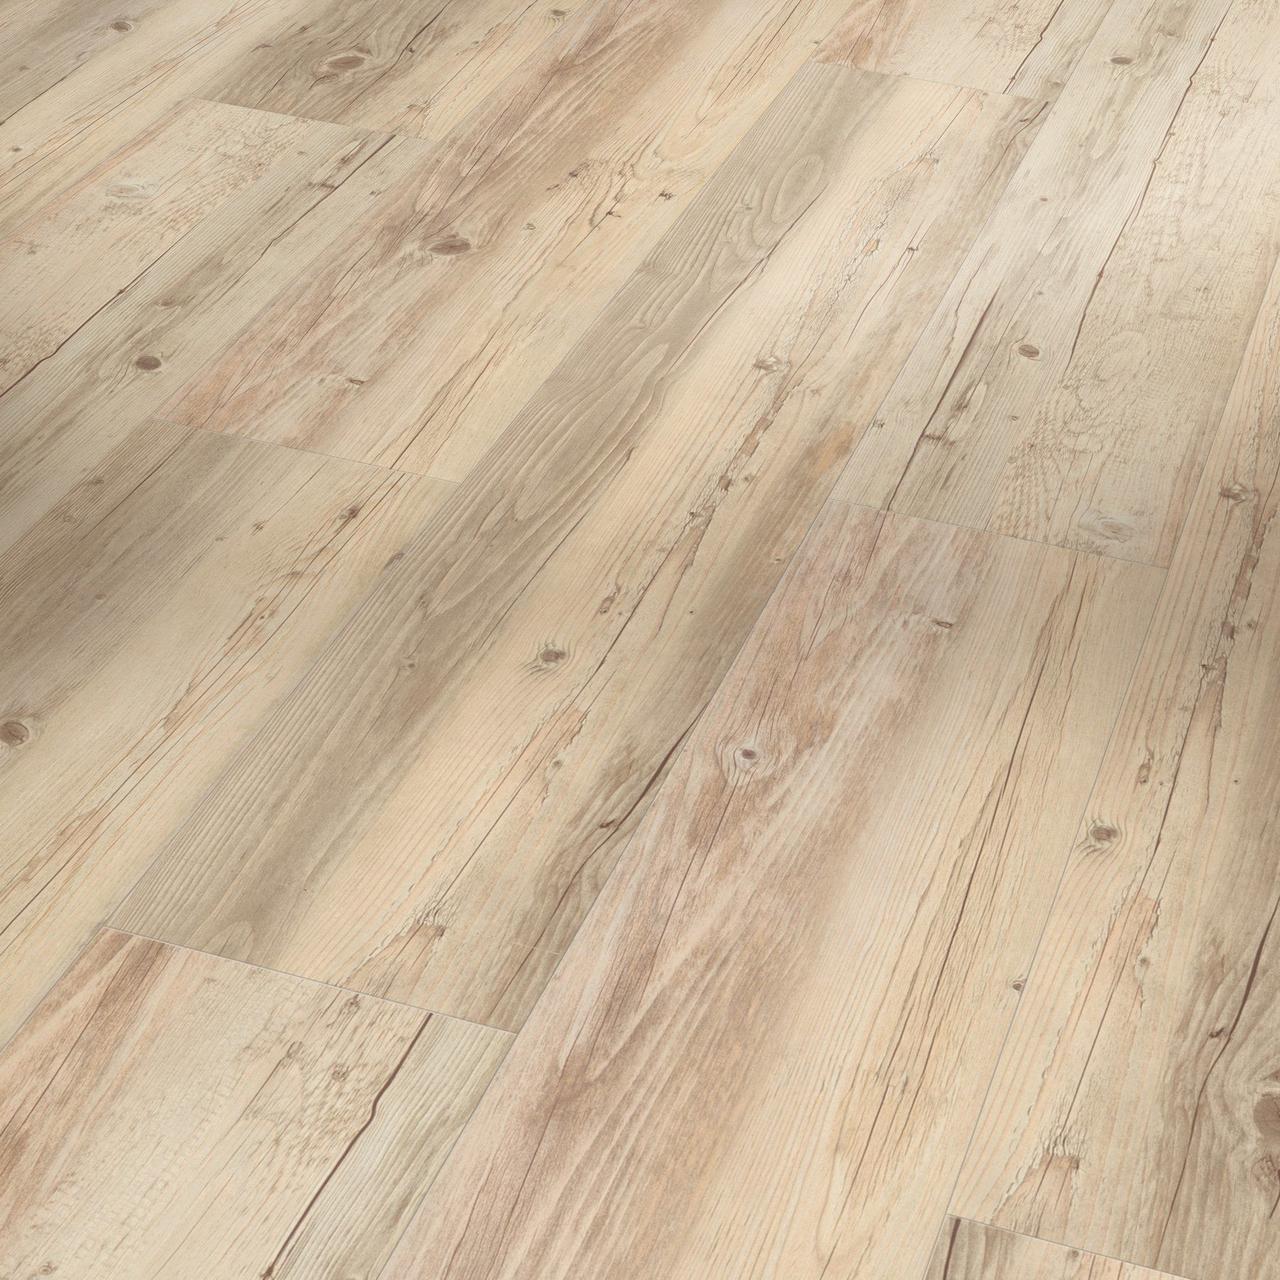 Виниловые покрытия Parador Дуб мэмори песочный браш (Oak Memory sanded brushed texture)